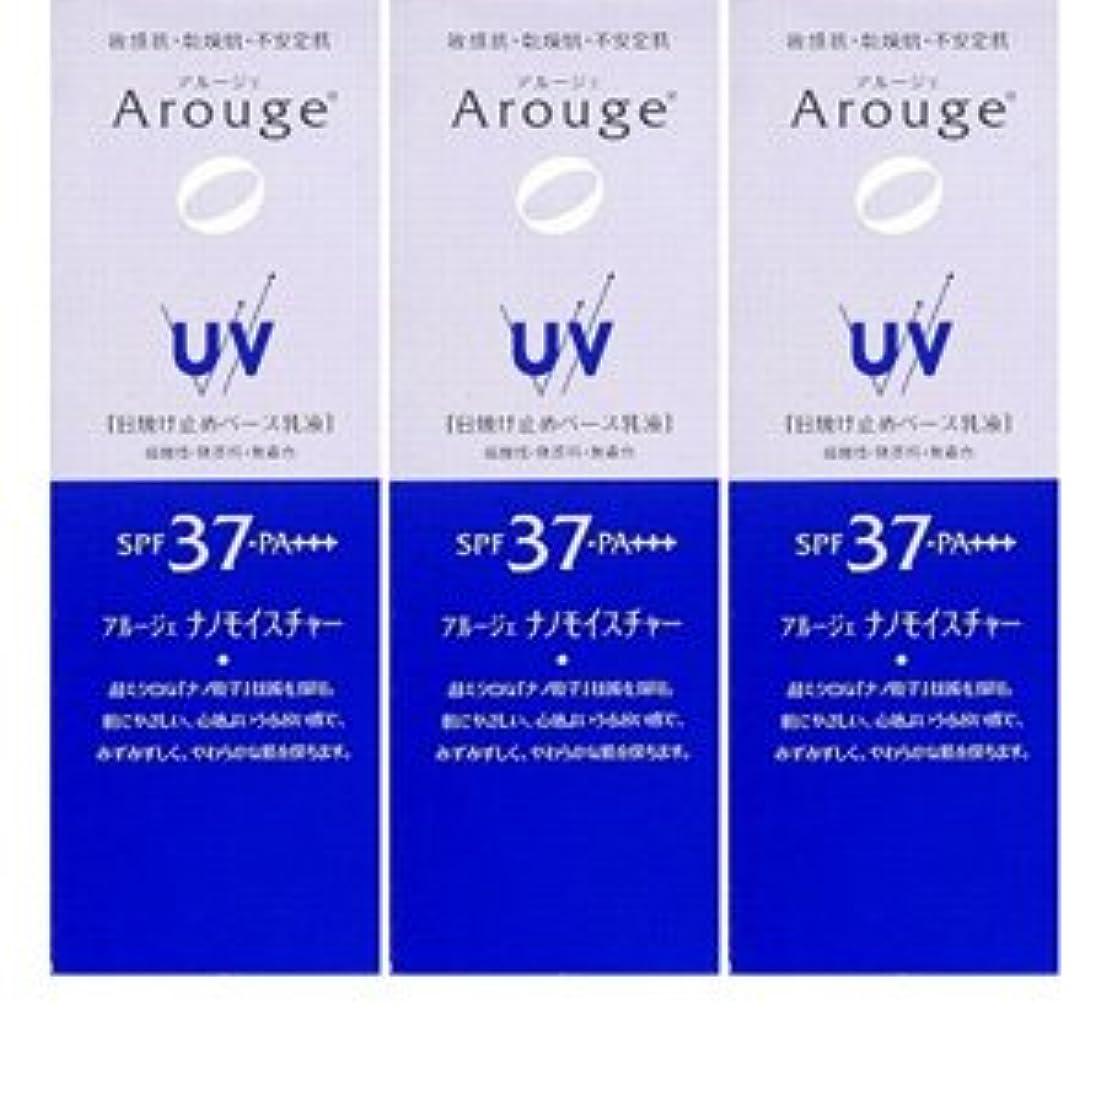 すずめ母しわ【3個】アルージェ UVプロテクトビューティーアップ 25gx3個(4987305952912)